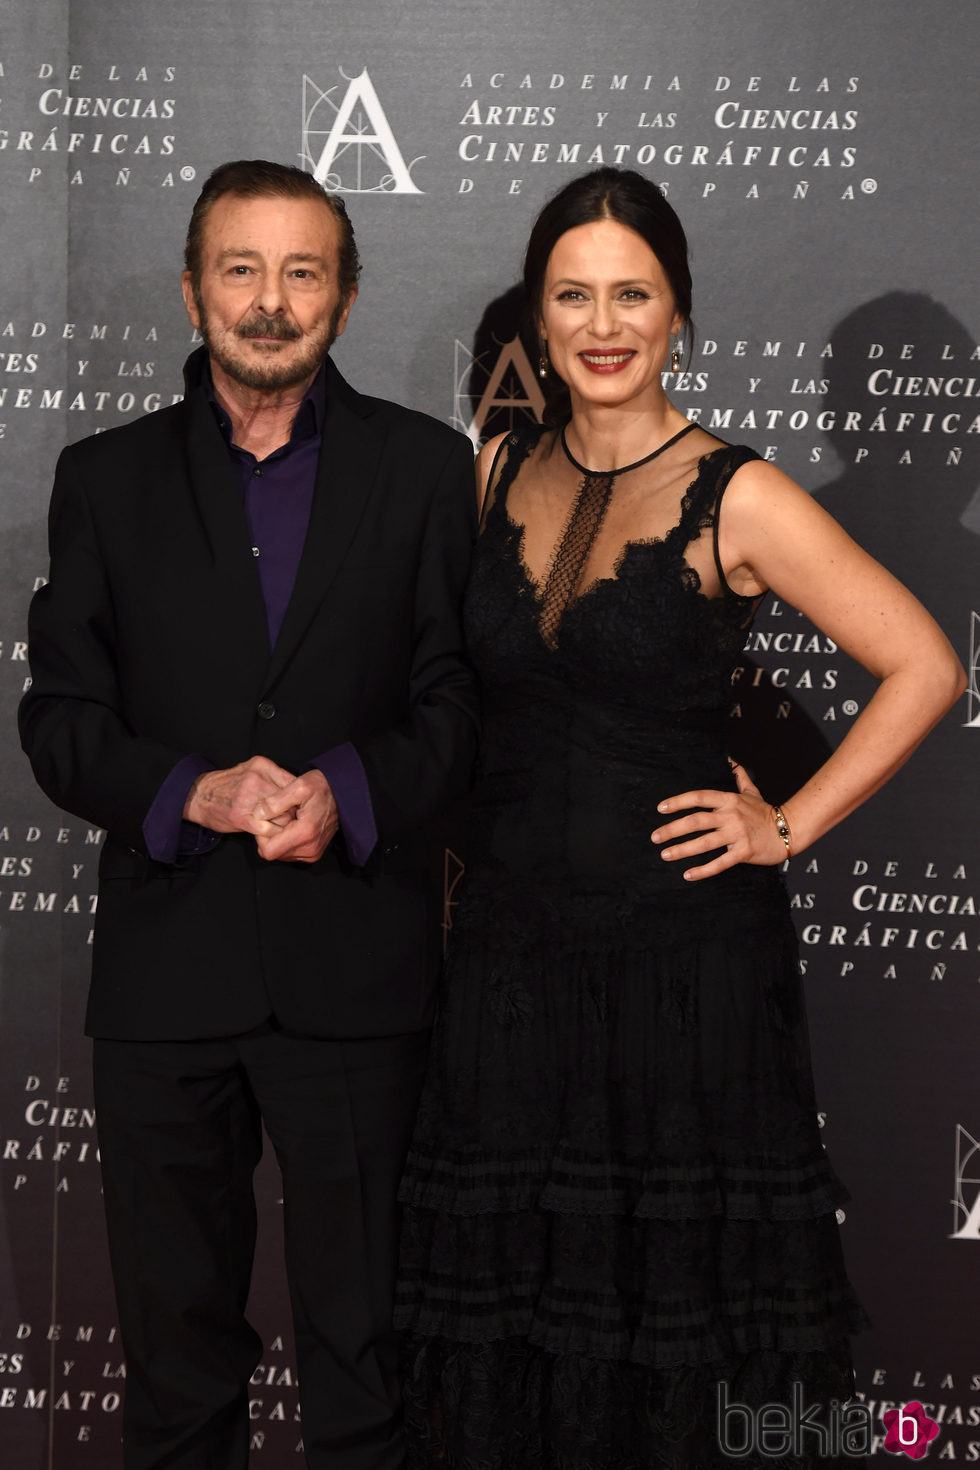 Aitana Sánchez Gijón y Juan Diego, galardonados con la Medalla de Oro de la Academia